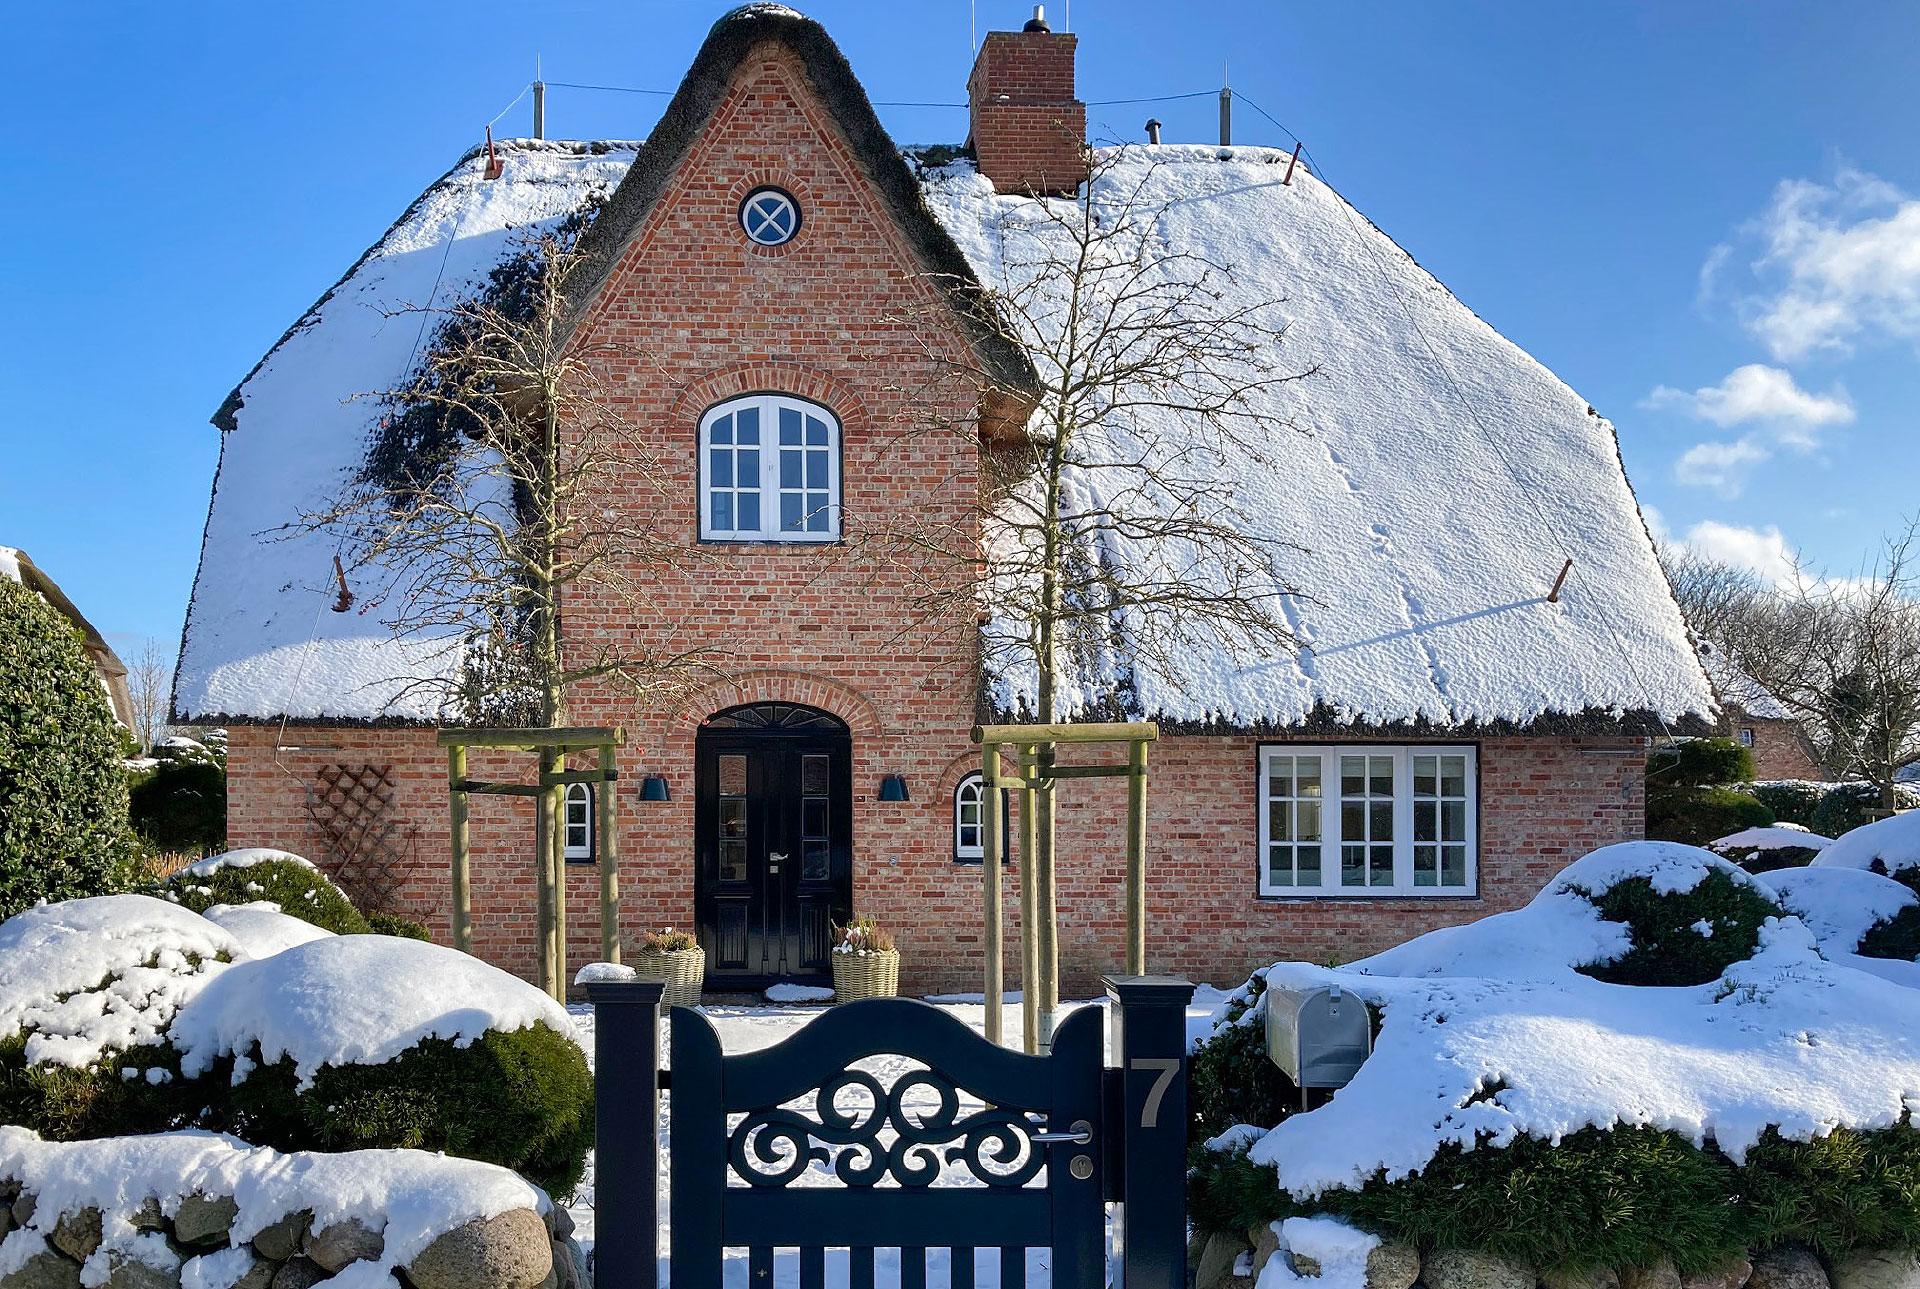 bild-galerie_winter2021_benen-diken-hof_hotel_2021-16